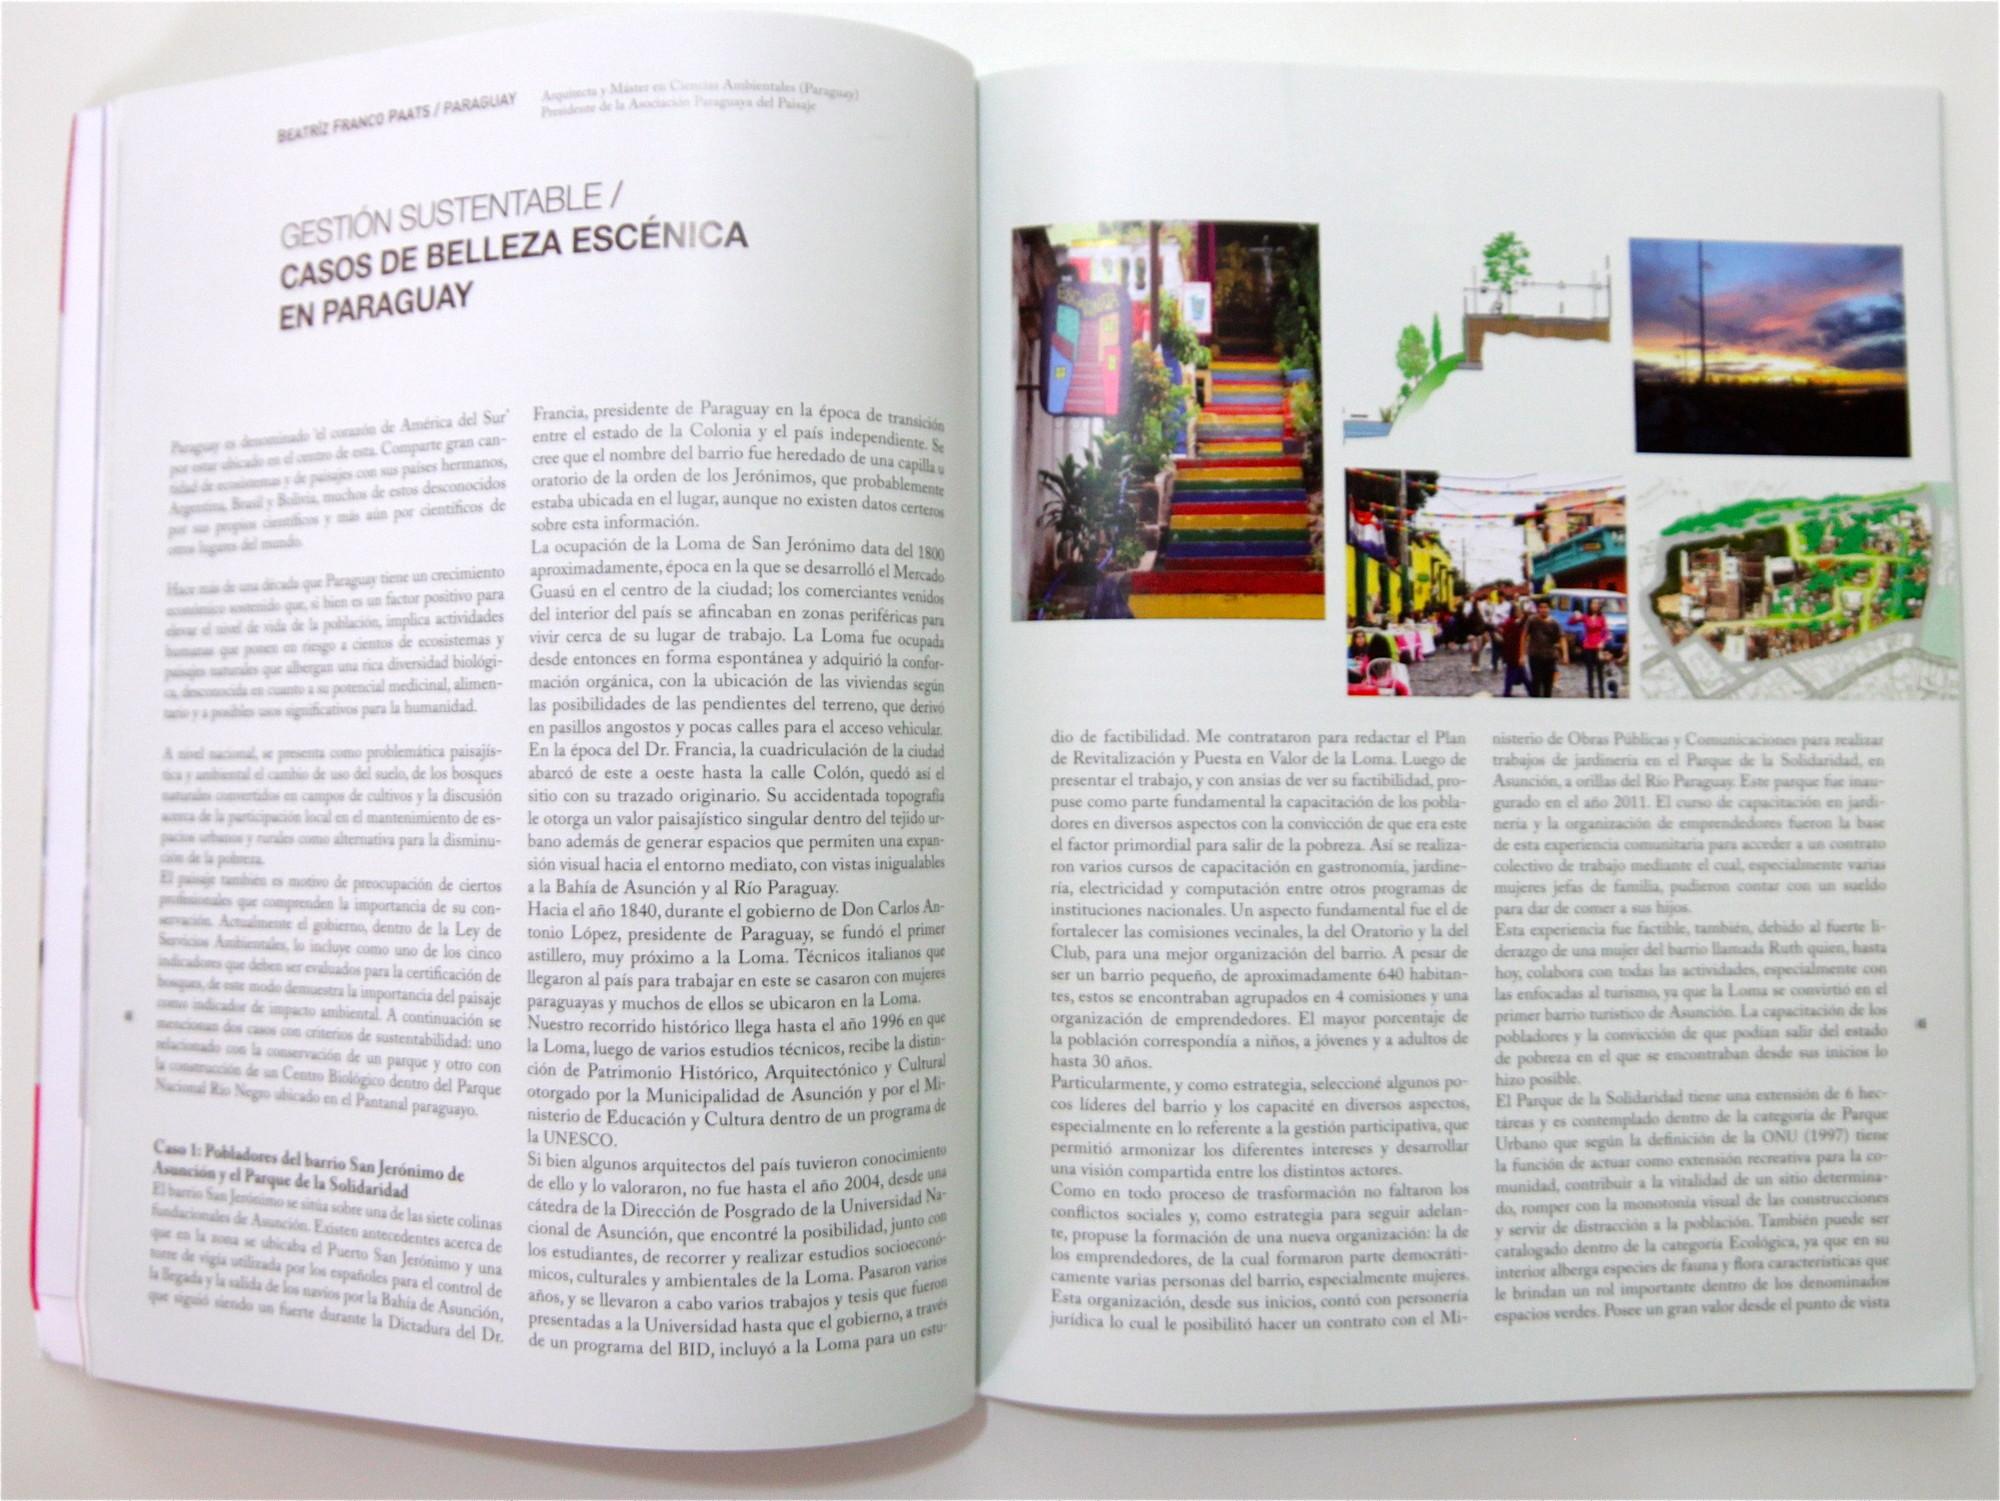 Paisajes de lo Público / Revista de Arquitectura N.253